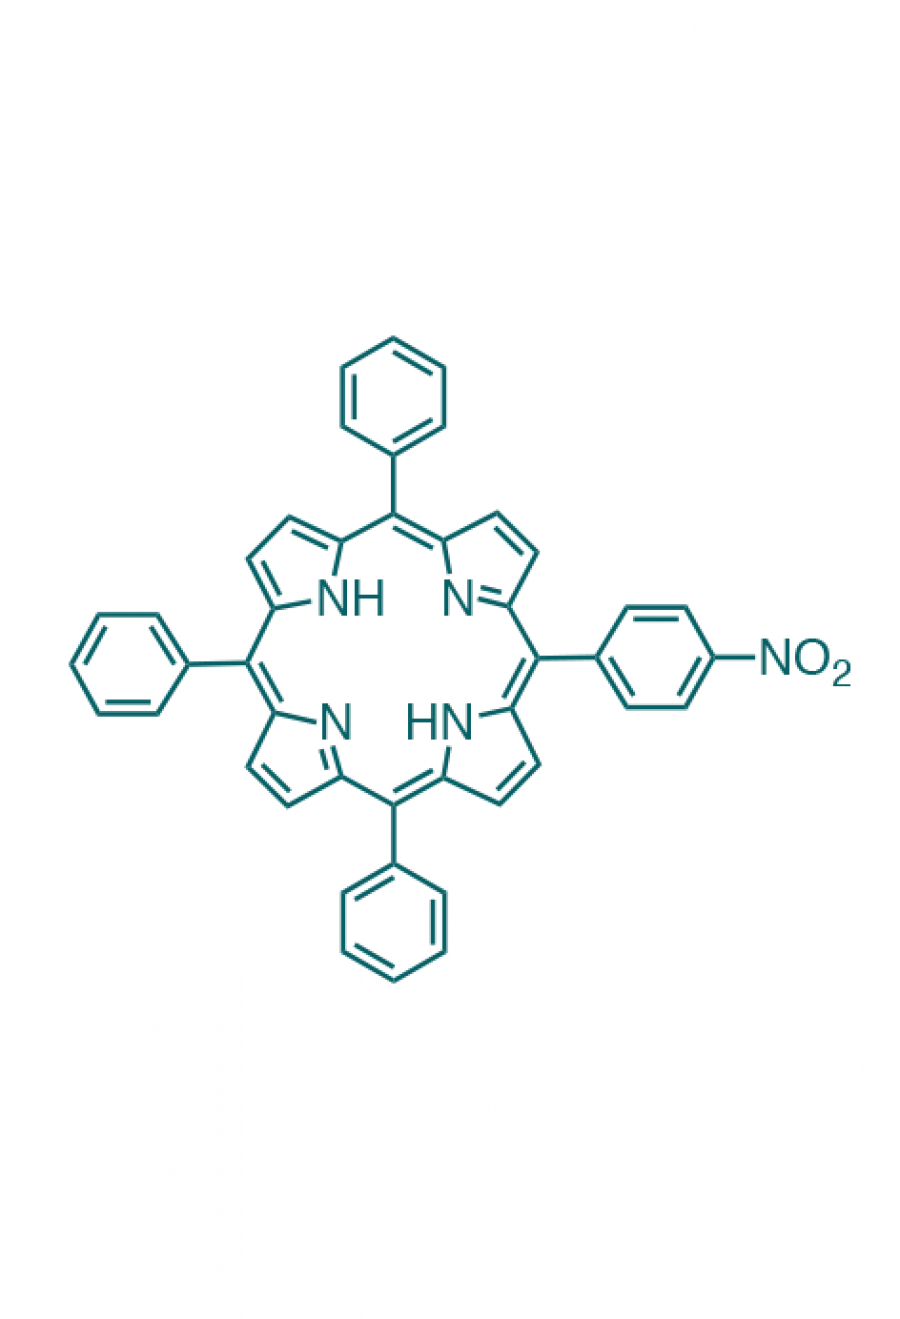 5-(4-nitrophenyl)-10,15,20-(triphenyl)porphyrin